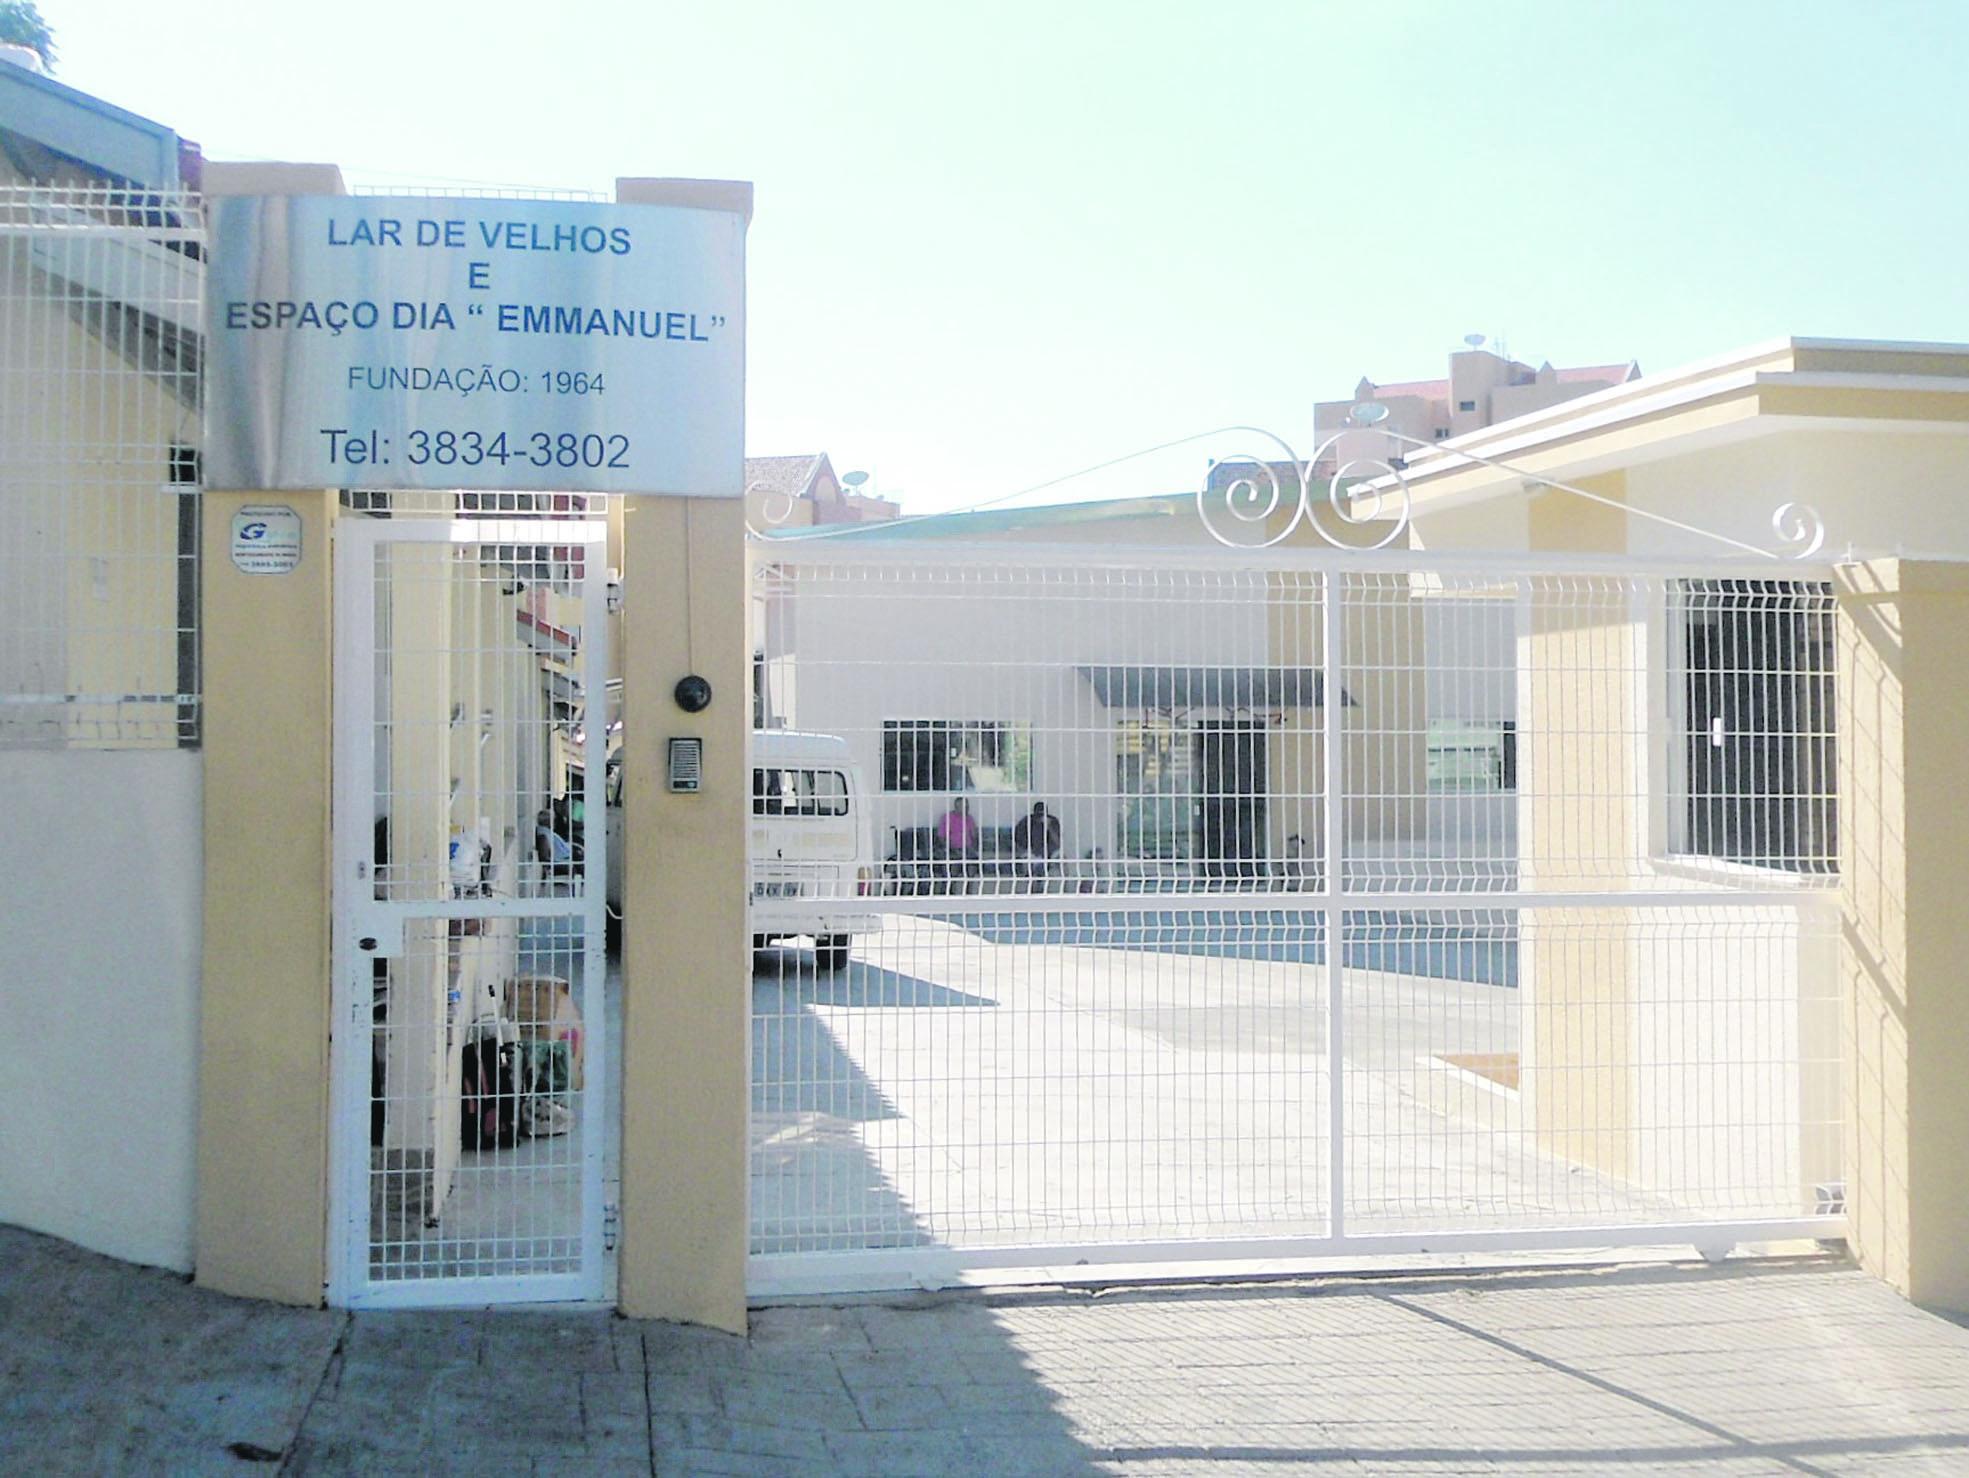 O evento visa angariar fundos para a manutenção dos trabalhos do Lar